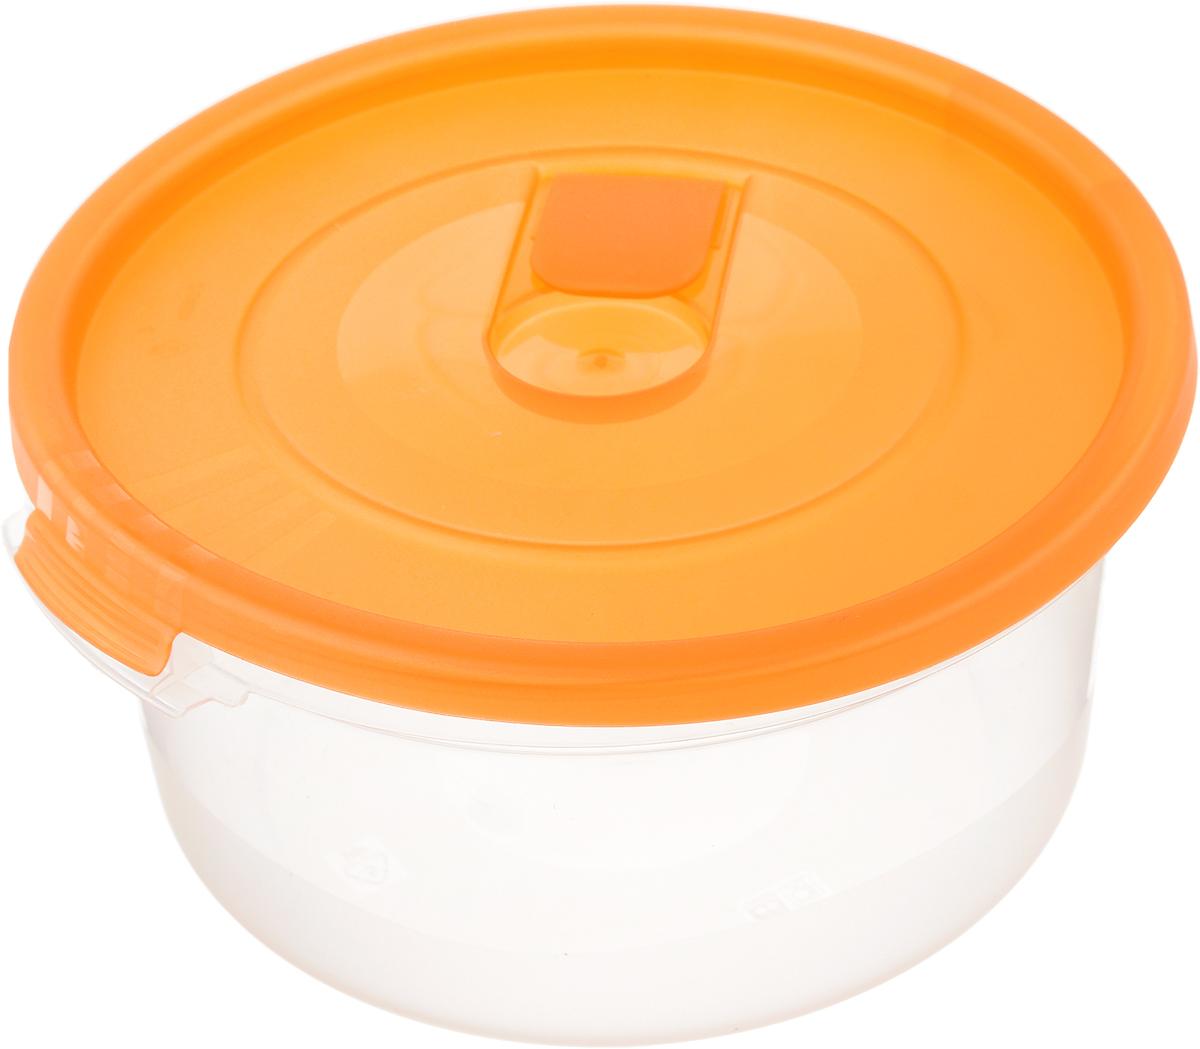 Контейнер Полимербыт Смайл, цвет: оранжевый, 800 млС521_оранжевыйКонтейнер Полимербыт Смайл круглой формы, изготовленный из прочного пластика, специально предназначен для хранения пищевых продуктов. Контейнер оснащен герметичной крышкой со специальным клапаном, благодаря которому внутри создается вакуум и продукты дольше сохраняют свежесть и аромат. Крышка легко открывается и плотно закрывается. Стенки контейнера прозрачные - хорошо видно, что внутри. Контейнер устойчив к воздействию масел и жиров, легко моется. Контейнер имеет возможность хранения продуктов глубокой заморозки, обладает высокой прочностью. Можно мыть в посудомоечной машине. Подходит для использования в микроволновых печах. Диаметр: 15 см. Высота (без крышки): 7 см.